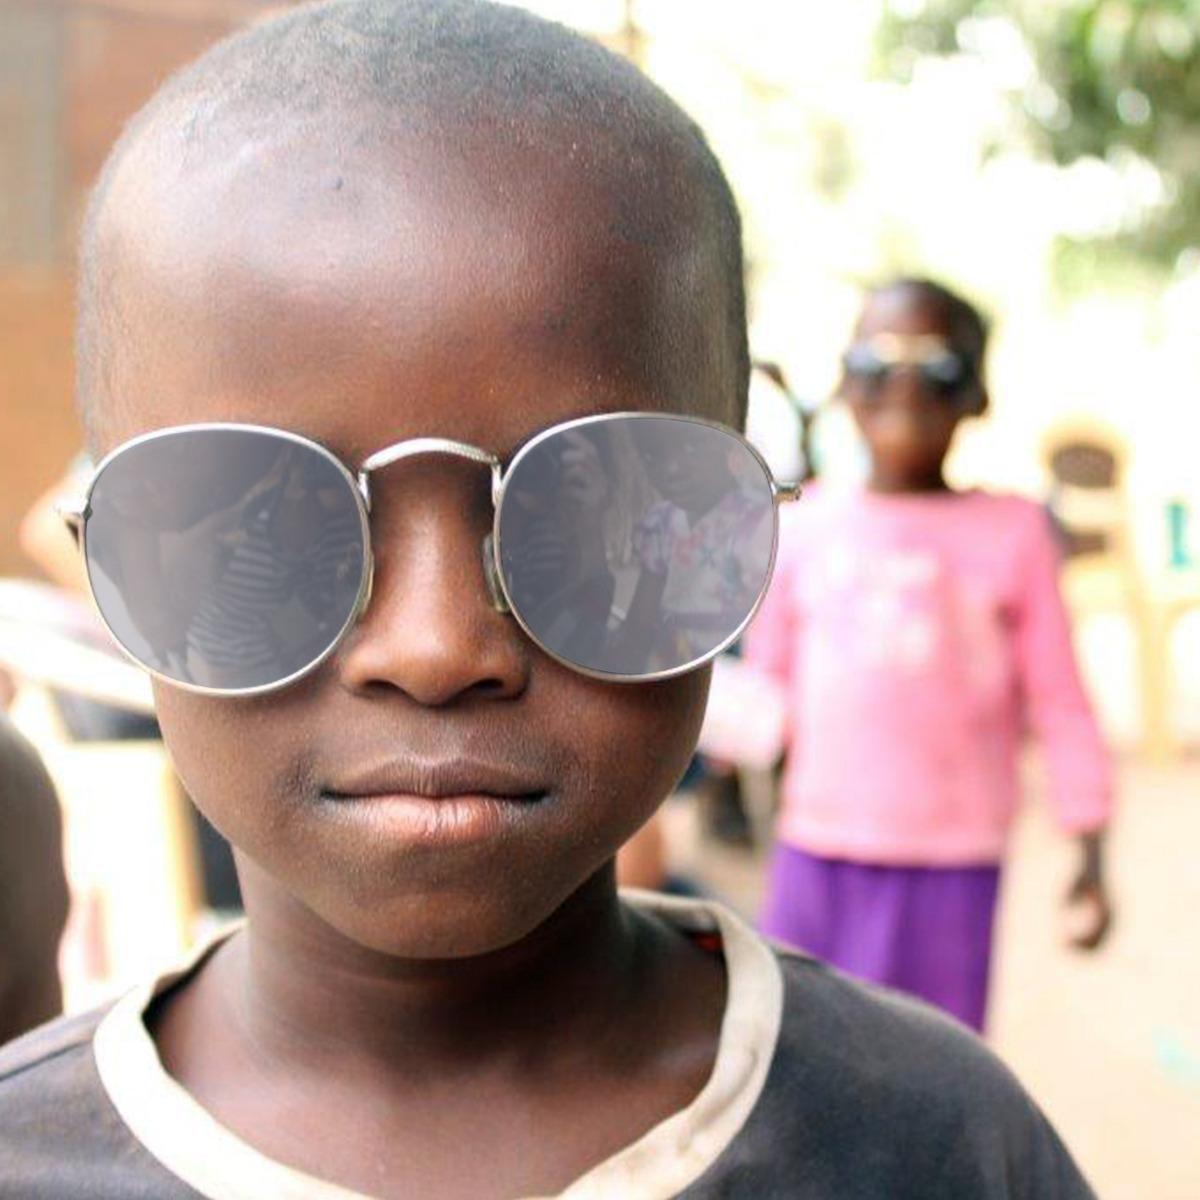 Chico con gafas gratis de nuestra óptica